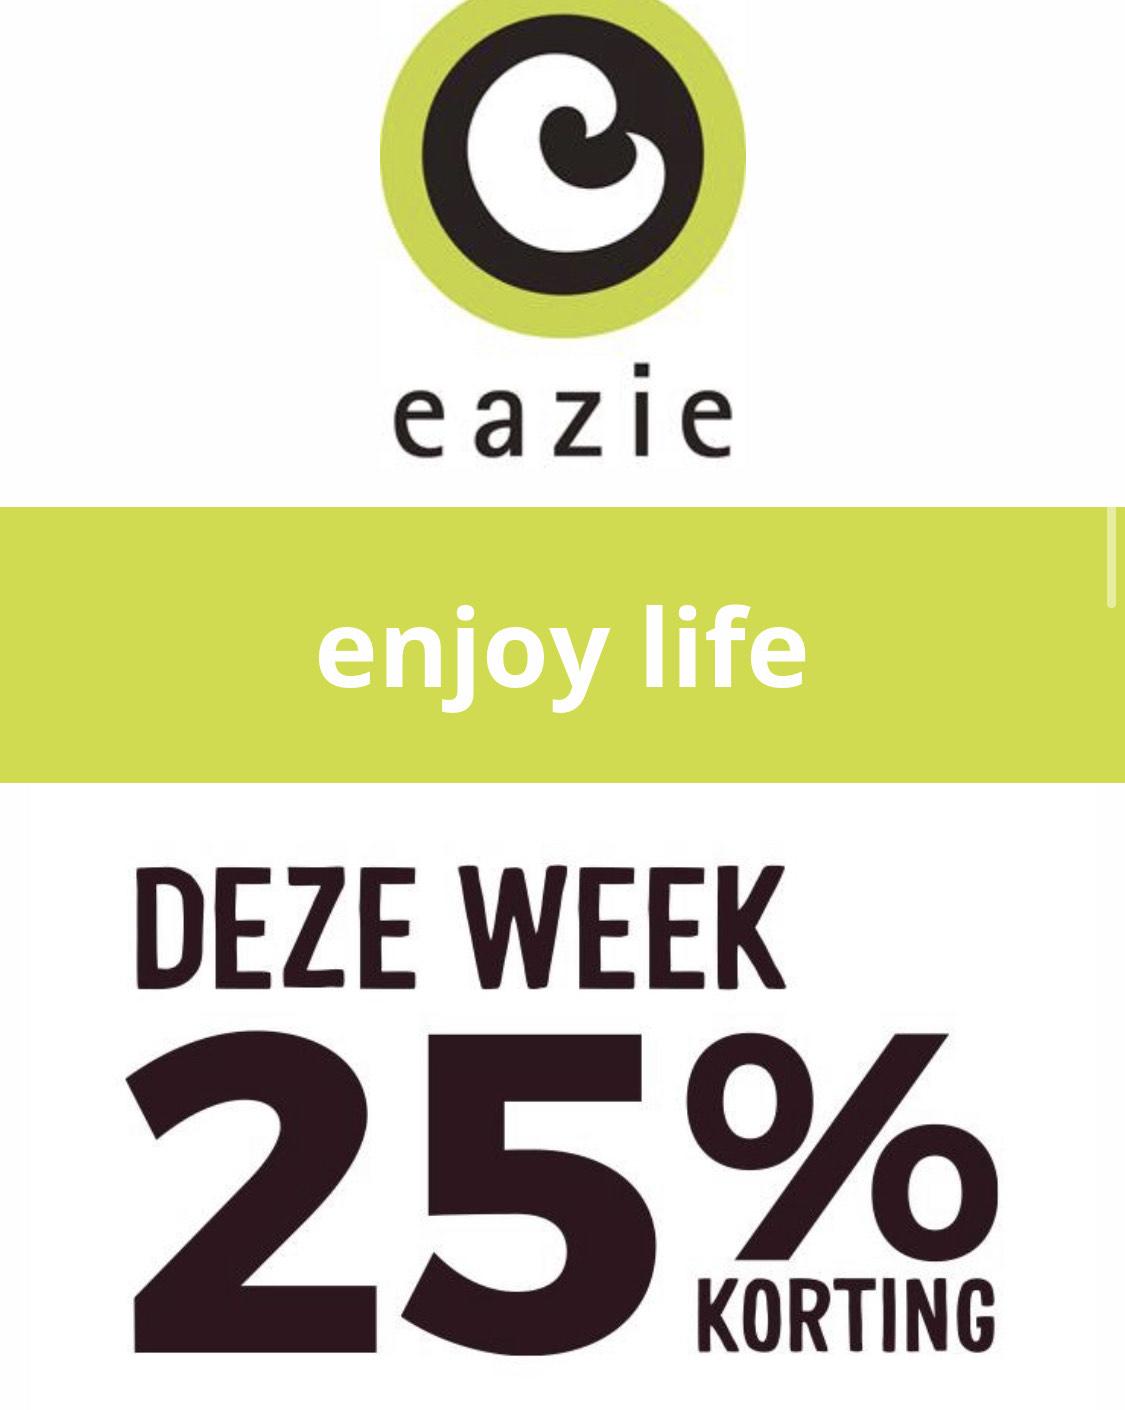 25% korting bij Eazie vanaf €12,50